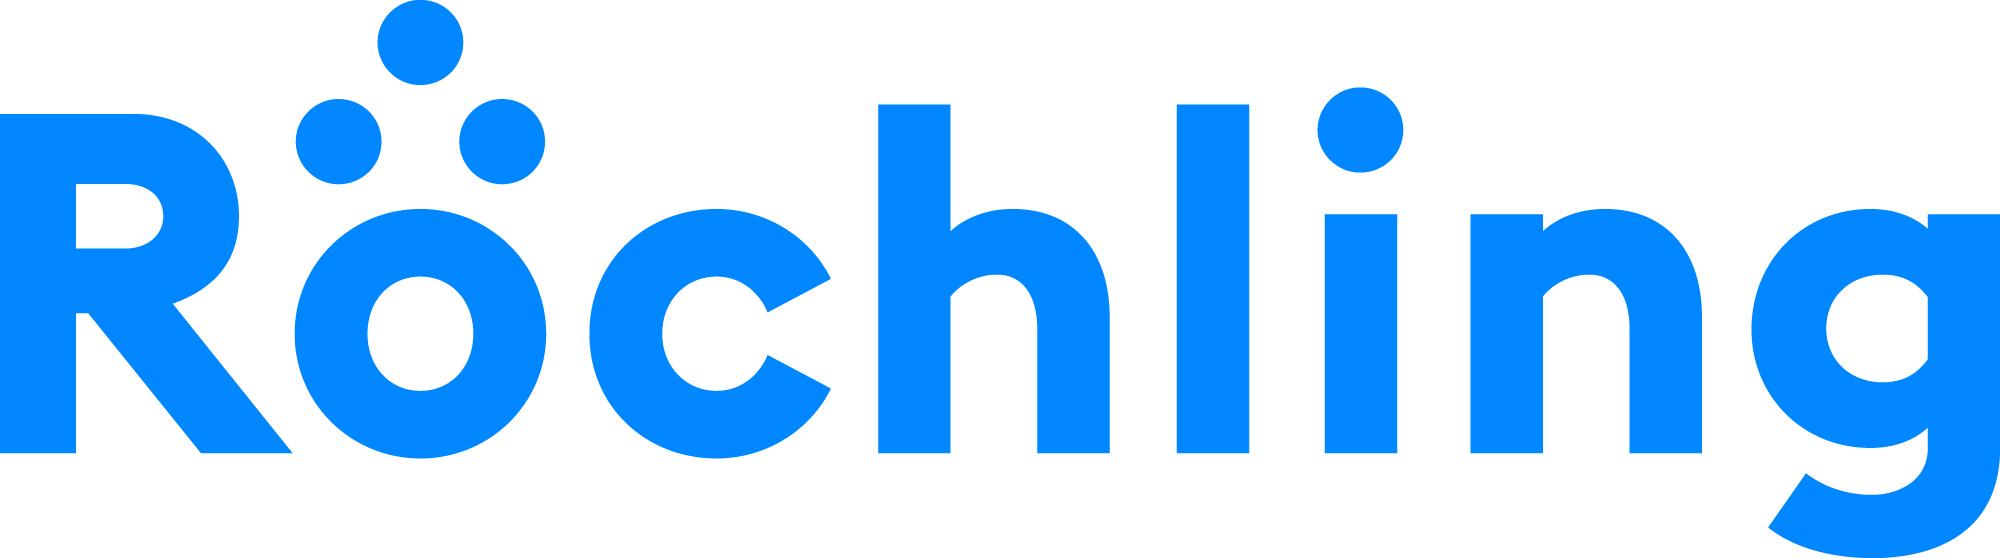 https://www.roechling.com